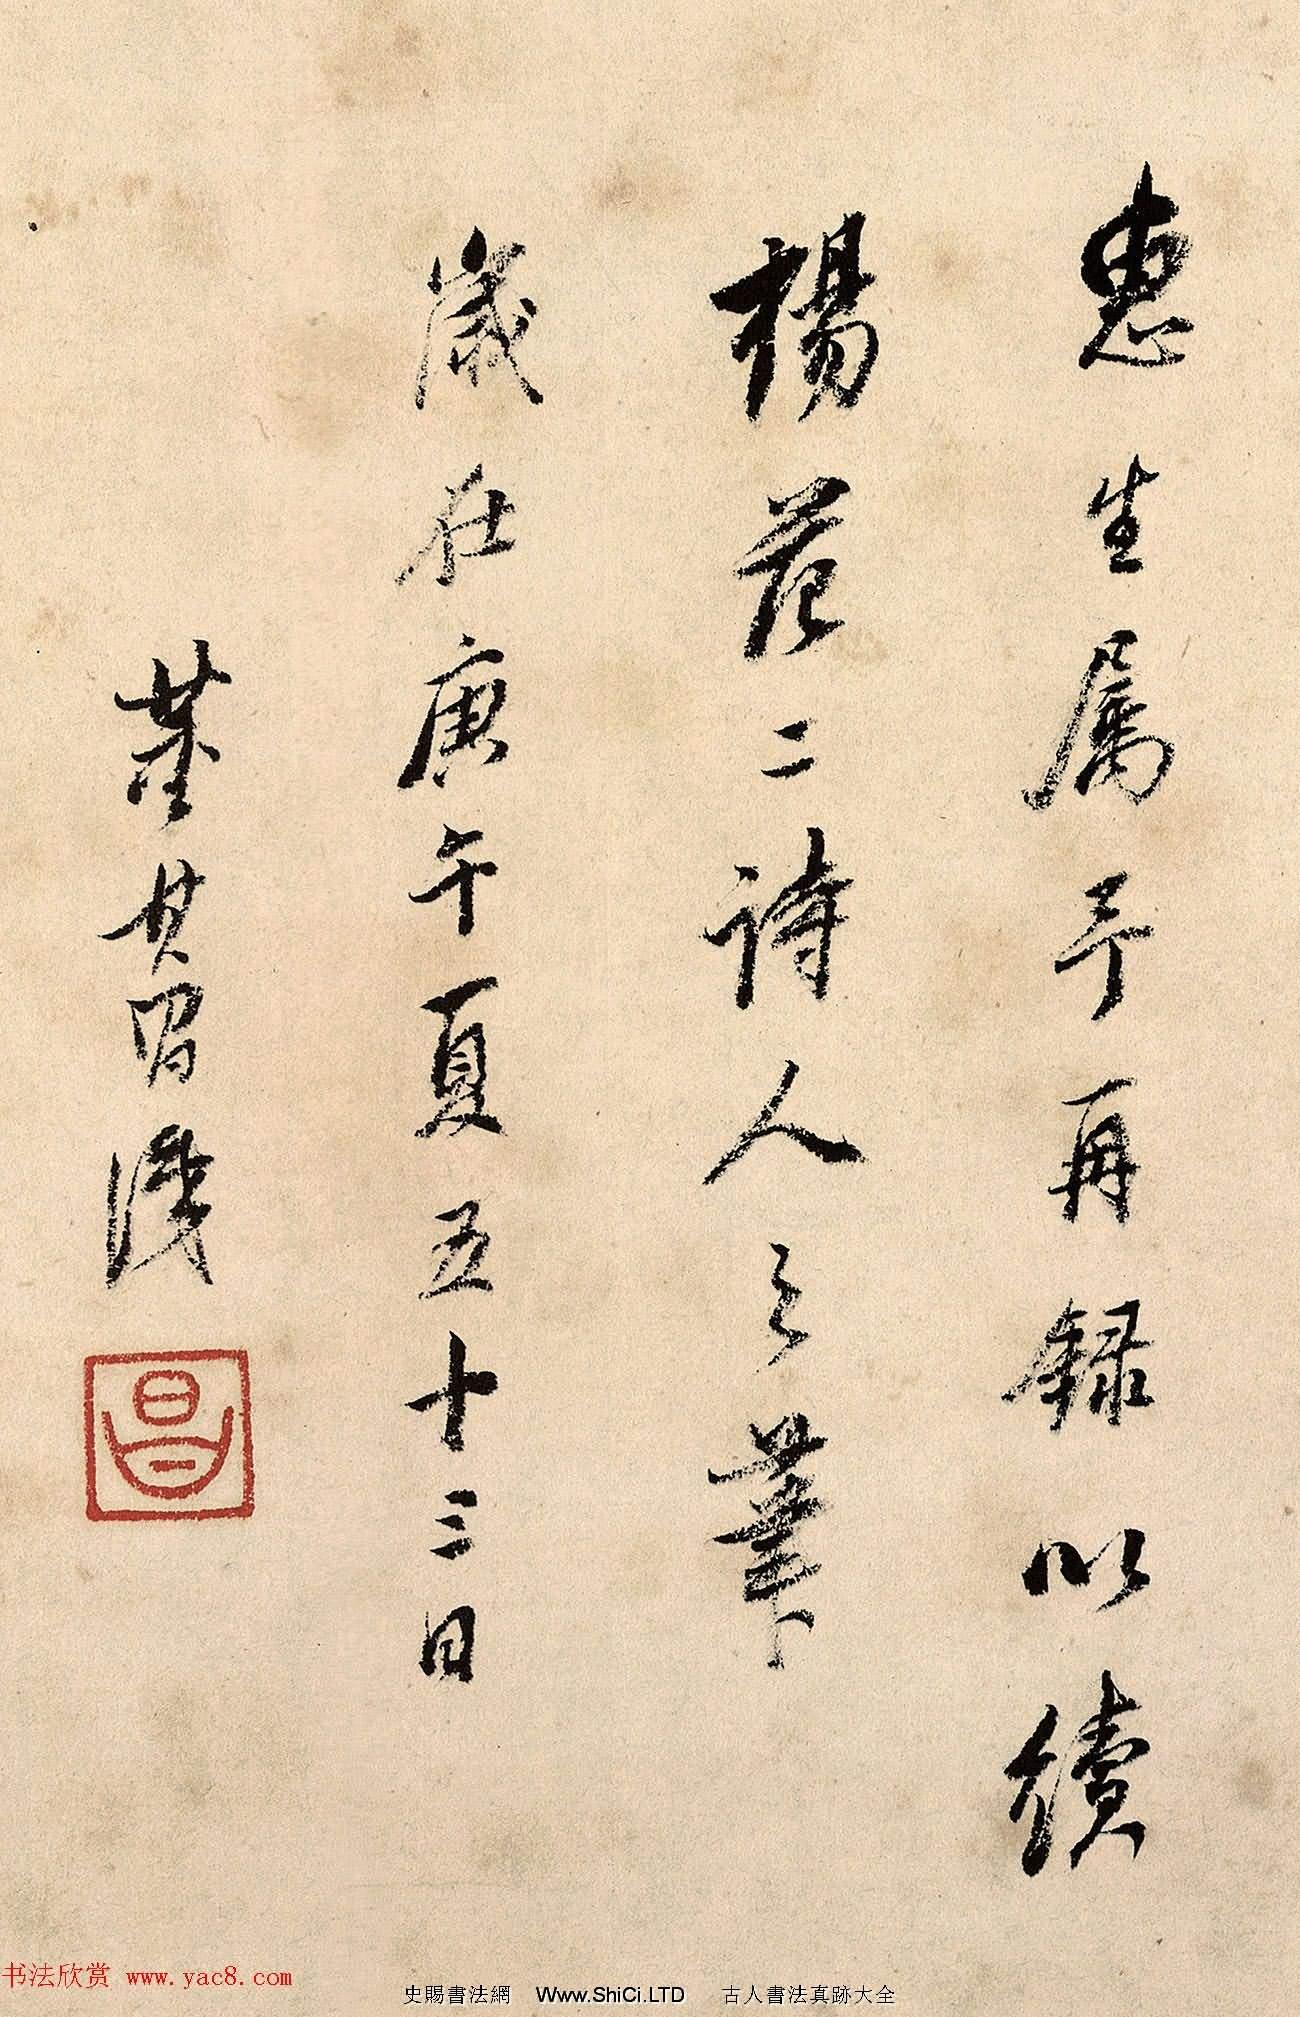 董其昌書法5跋趙孟俯鵲華秋色圖